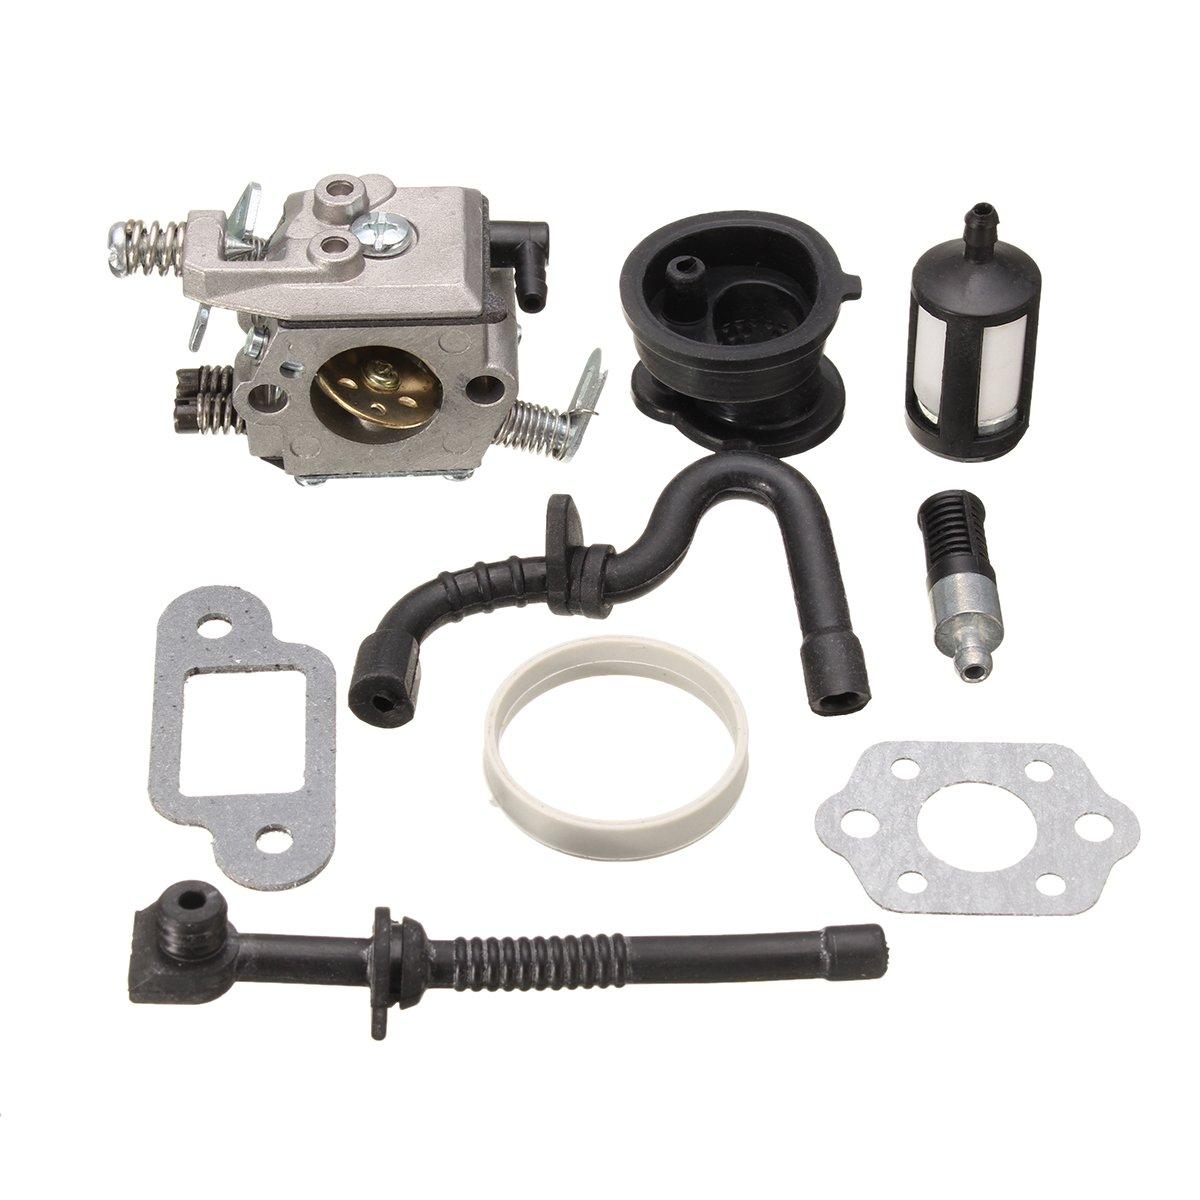 Alamor Kit De Joint De Filtre Pour Ligne De Carburant Du Carburateur Pour La Tronç onneuse Stihl 017 018 Ms170 Ms180